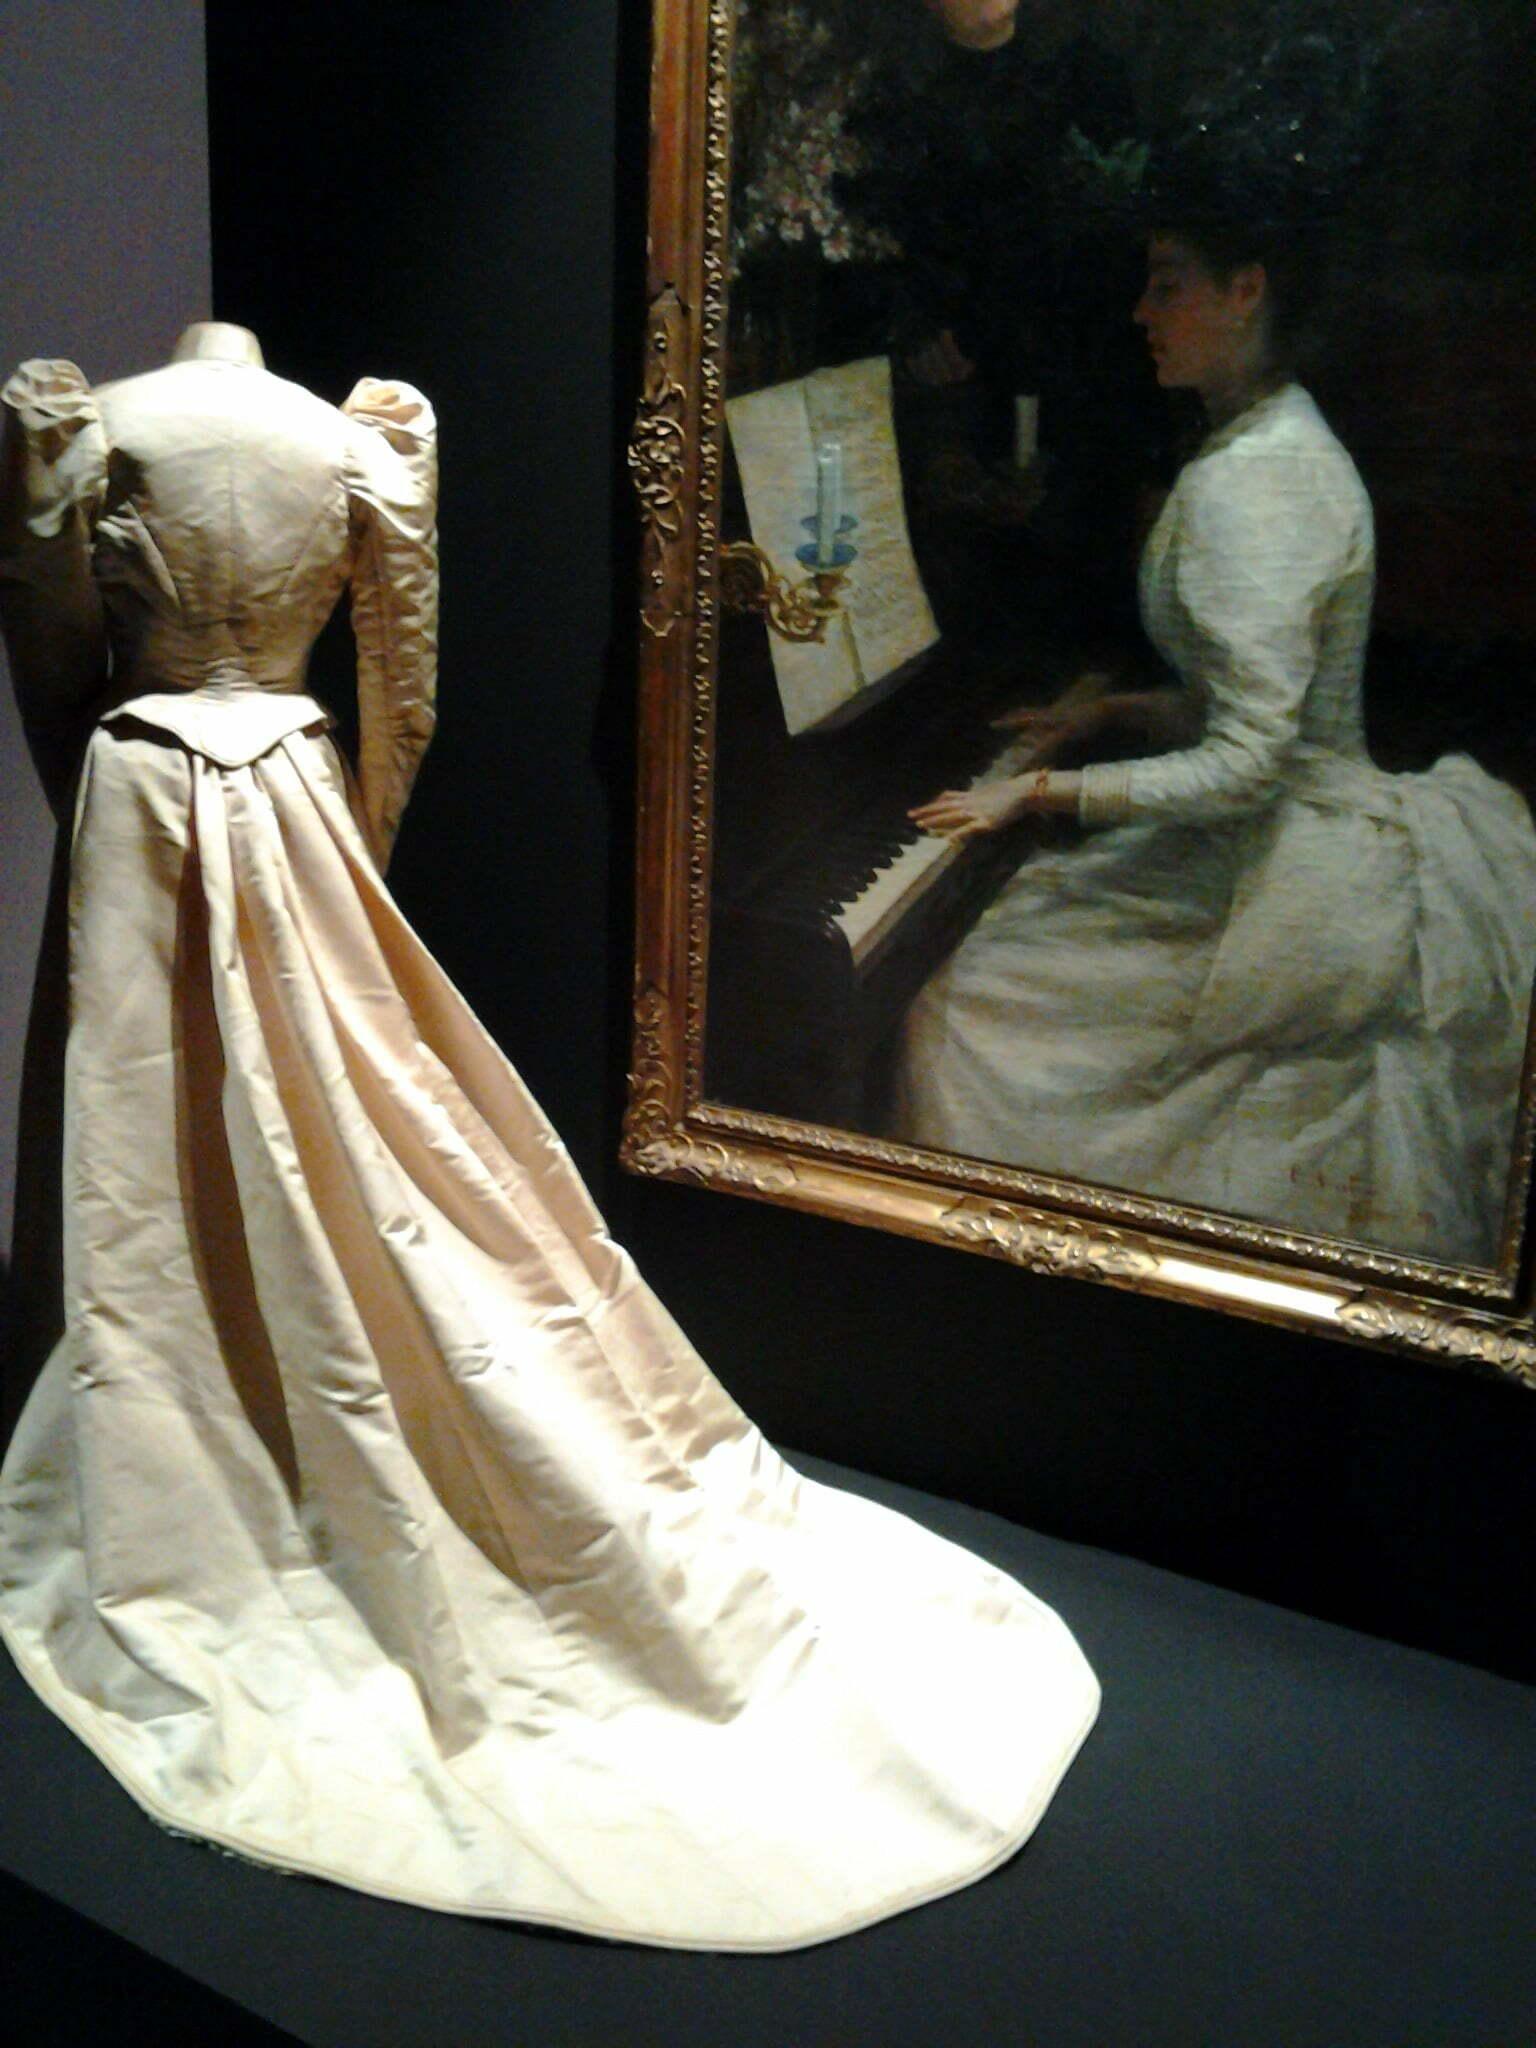 viaggio oltreconfine al termine, ammirando la bellissima mostra nella Pinacoteca Züst di Mendrisio (Canton Ticino)